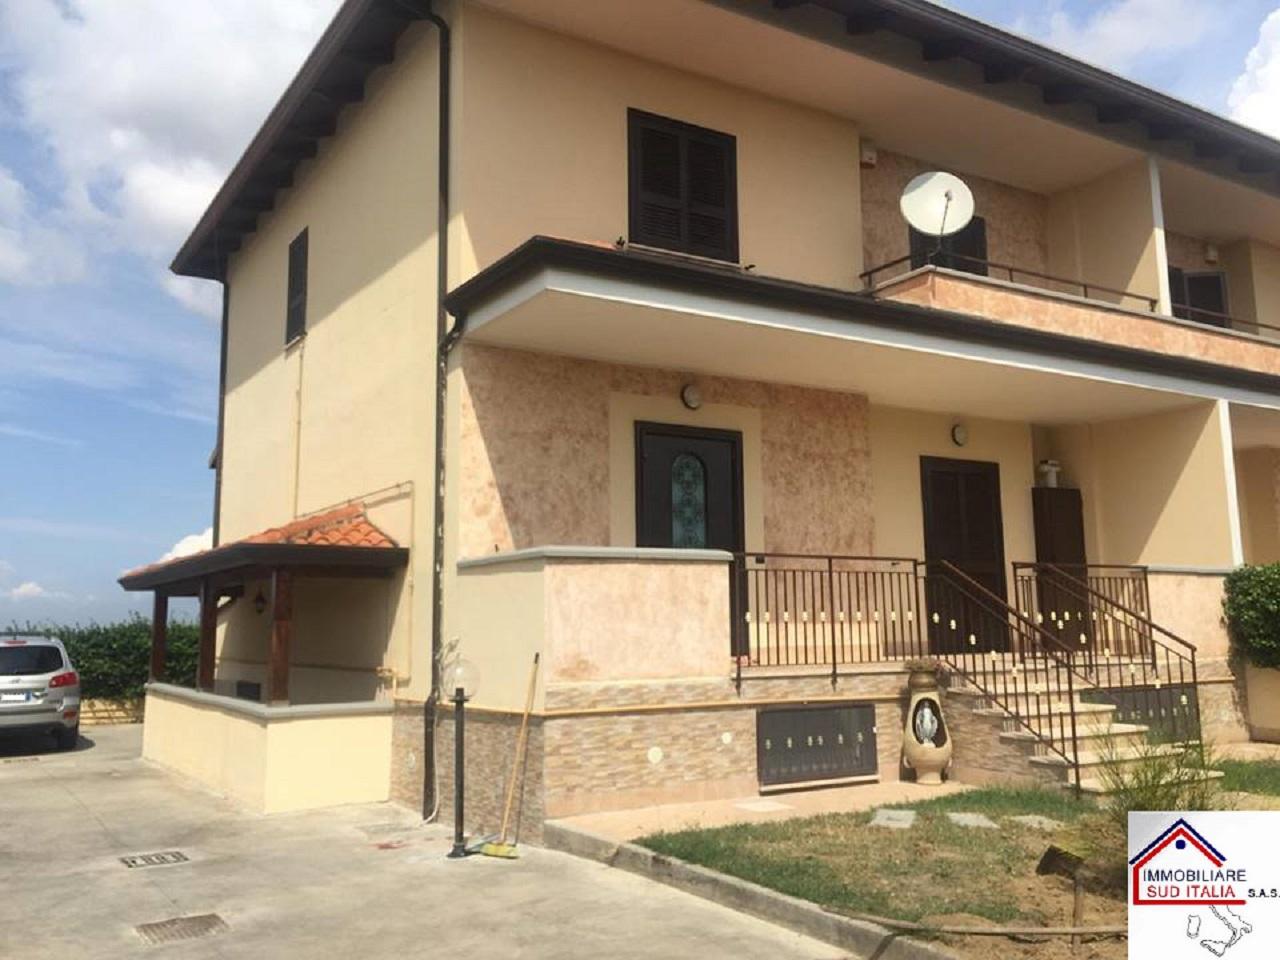 Villa in affitto a Giugliano in Campania, 5 locali, zona Zona: Licola, prezzo € 1.000 | CambioCasa.it